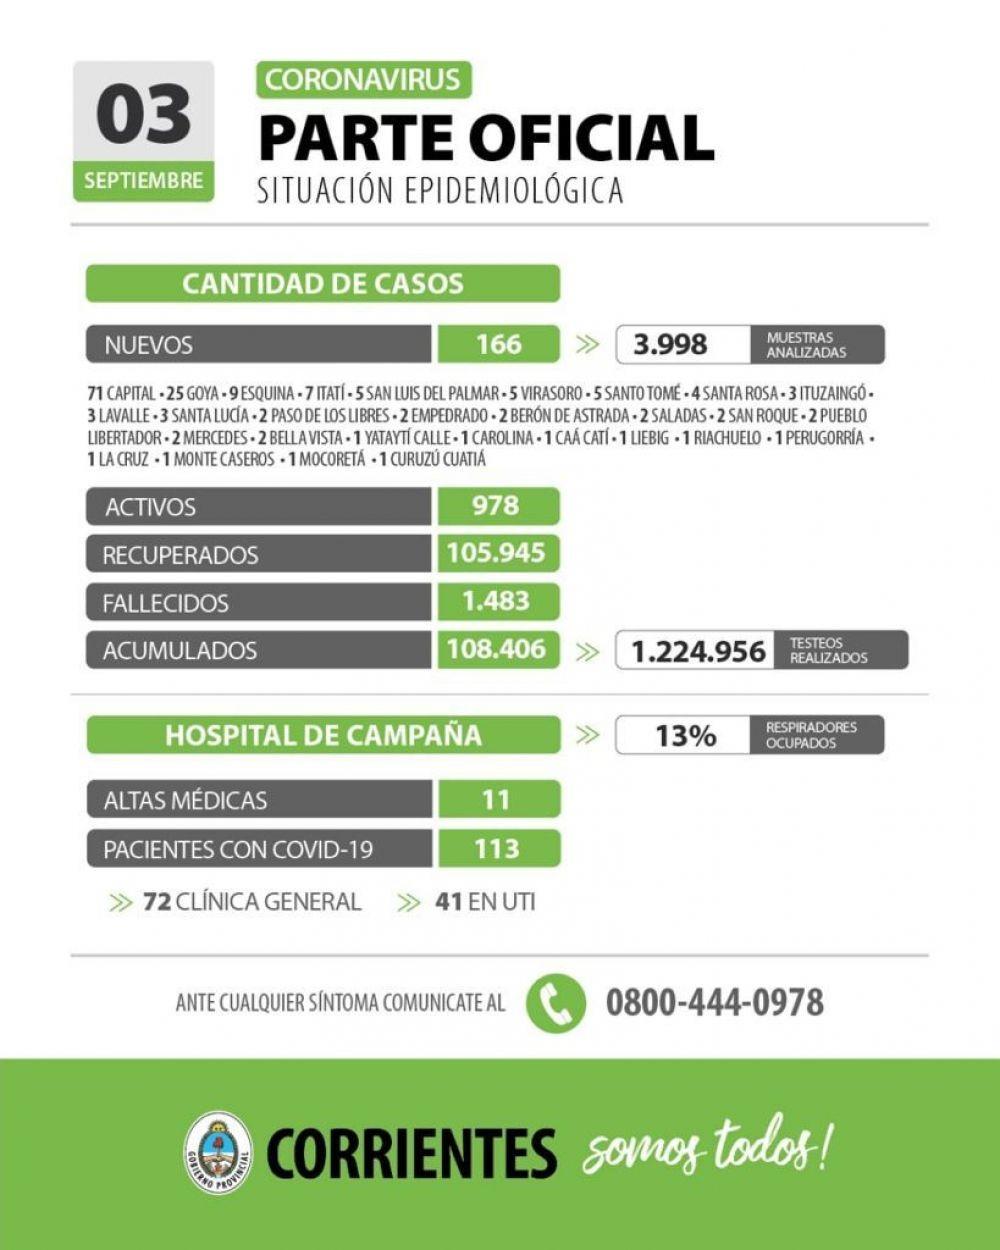 Informan 166 nuevos casos de coronavirus en Corrientes